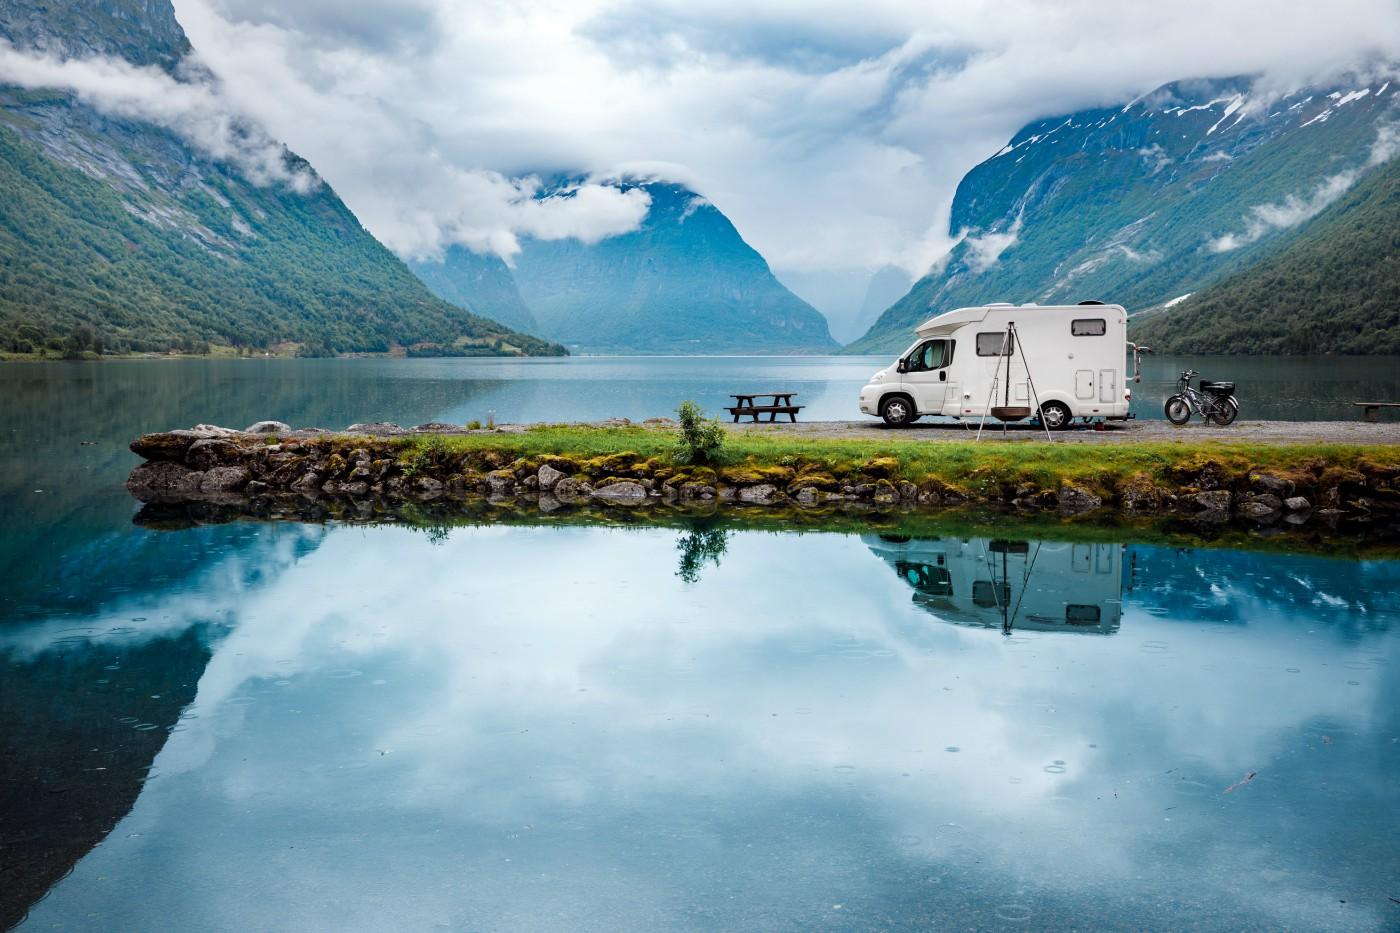 Un camper motorhome usato può essere una buona scelta se sei al primo acquisto di un camper